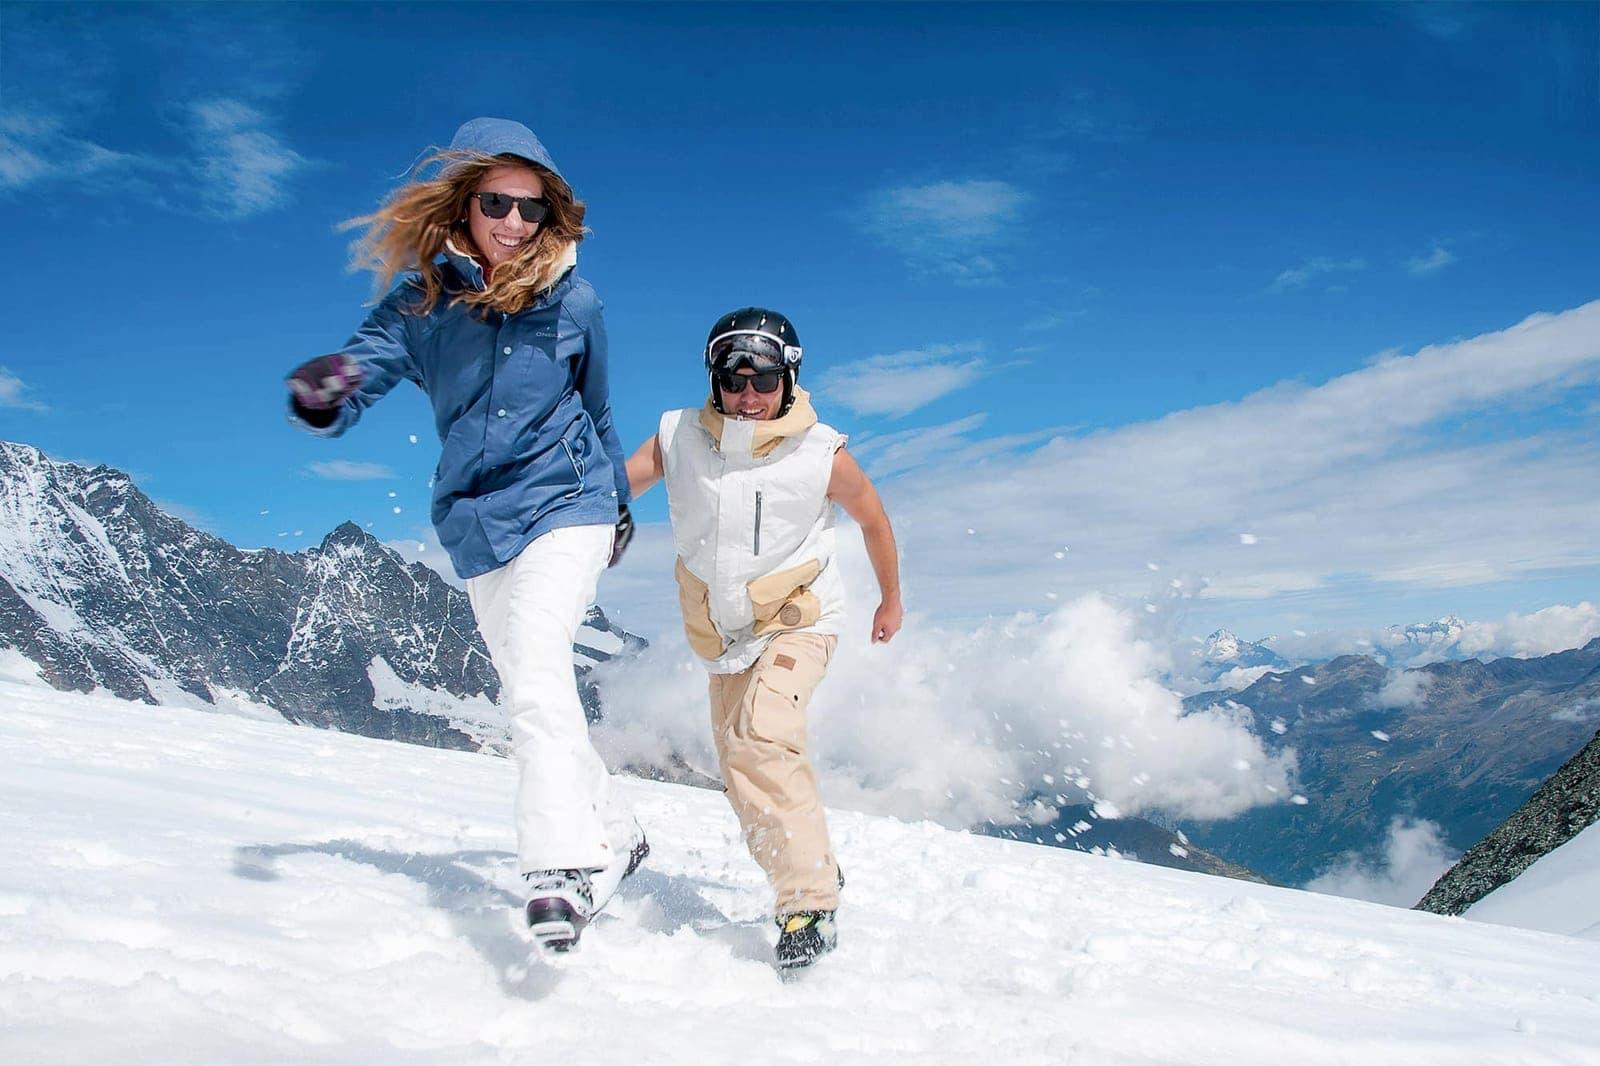 Sportpark Aare-Rhein Wintersport Schnee